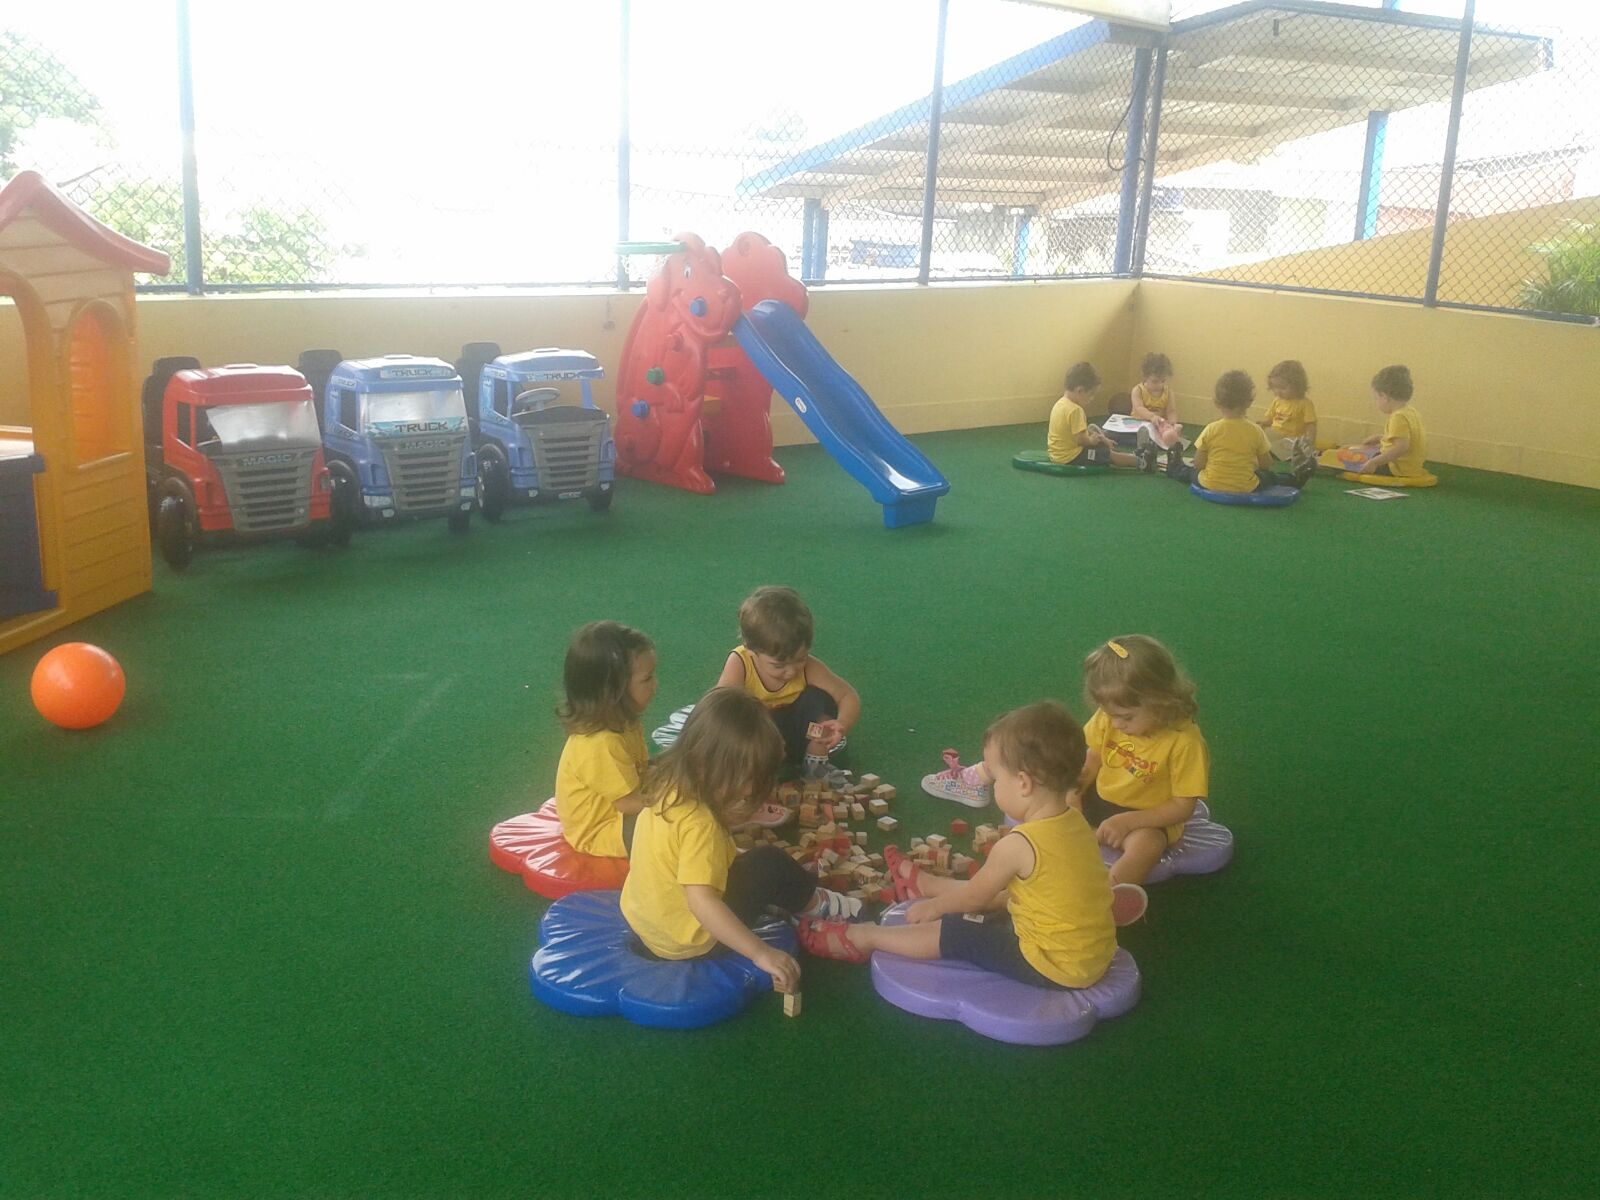 """No momento da chegada, nossos pequenos encontram um universo de fantasias e de descobertas. Diversas propostas de brincadeiras, que na escola são conhecidas como """"cantos de entrada"""", são organizadas de forma bastante convidativa, para facilitar a aproximação ao espaço escolar."""